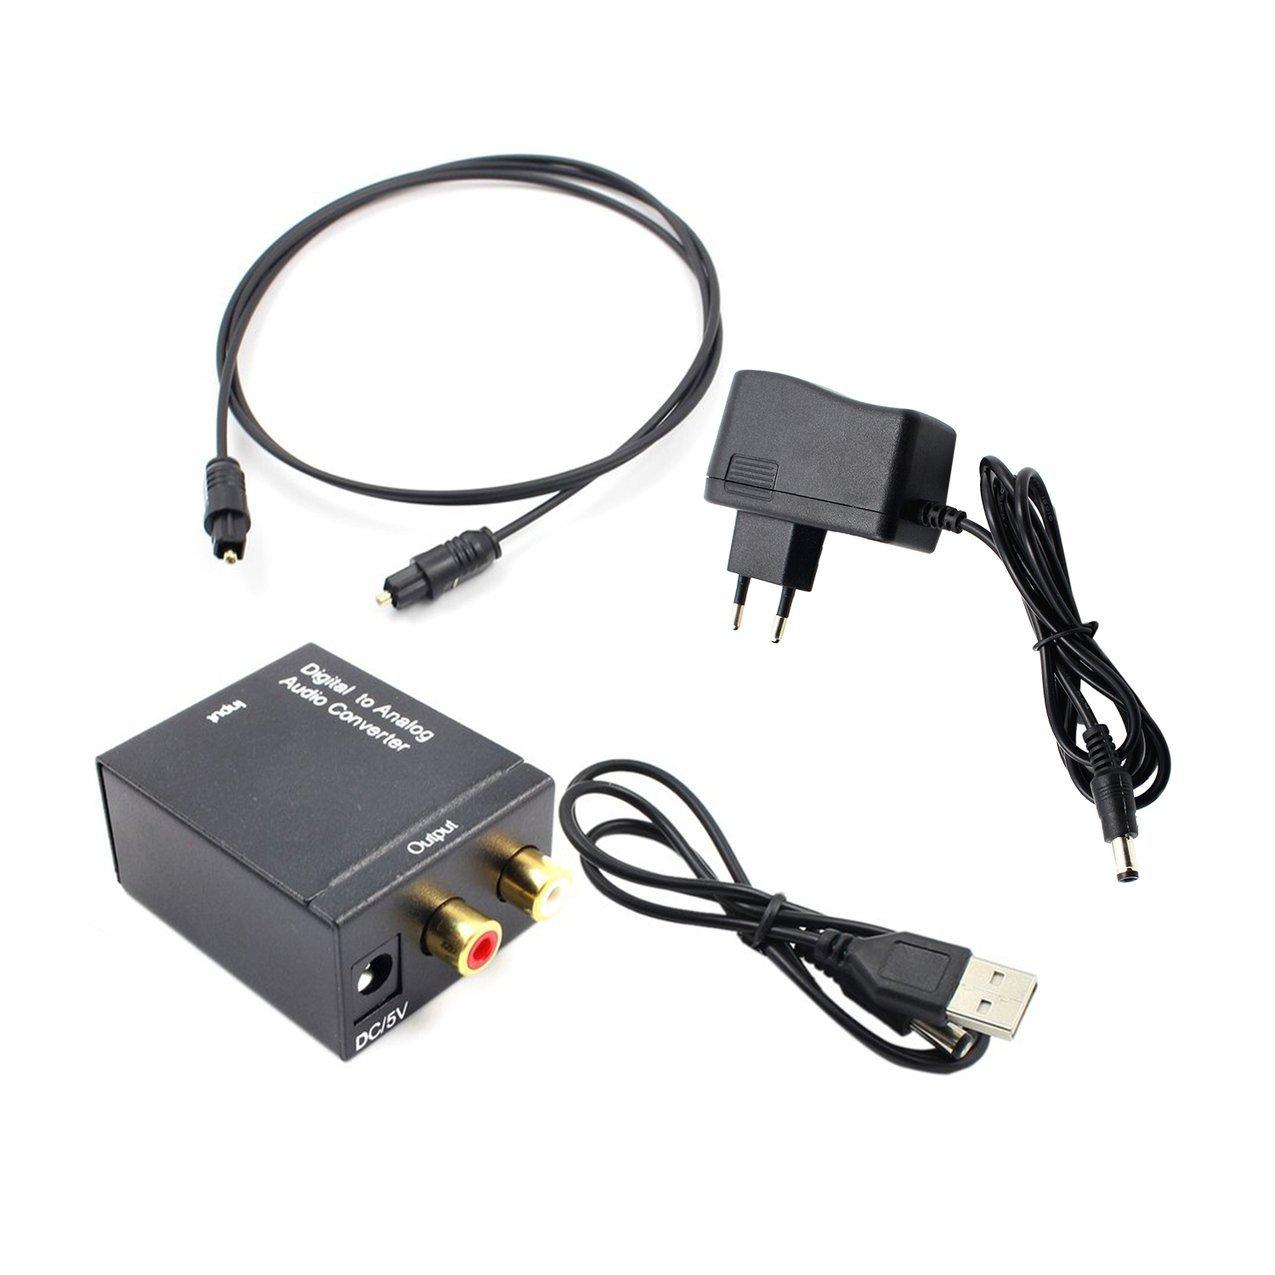 Adaptador convertidor de audio Toslink óptico y coaxial R/L Coaxial óptico digital para convertidor analógico de audio RCA con cable de fibra: Amazon.es: ...